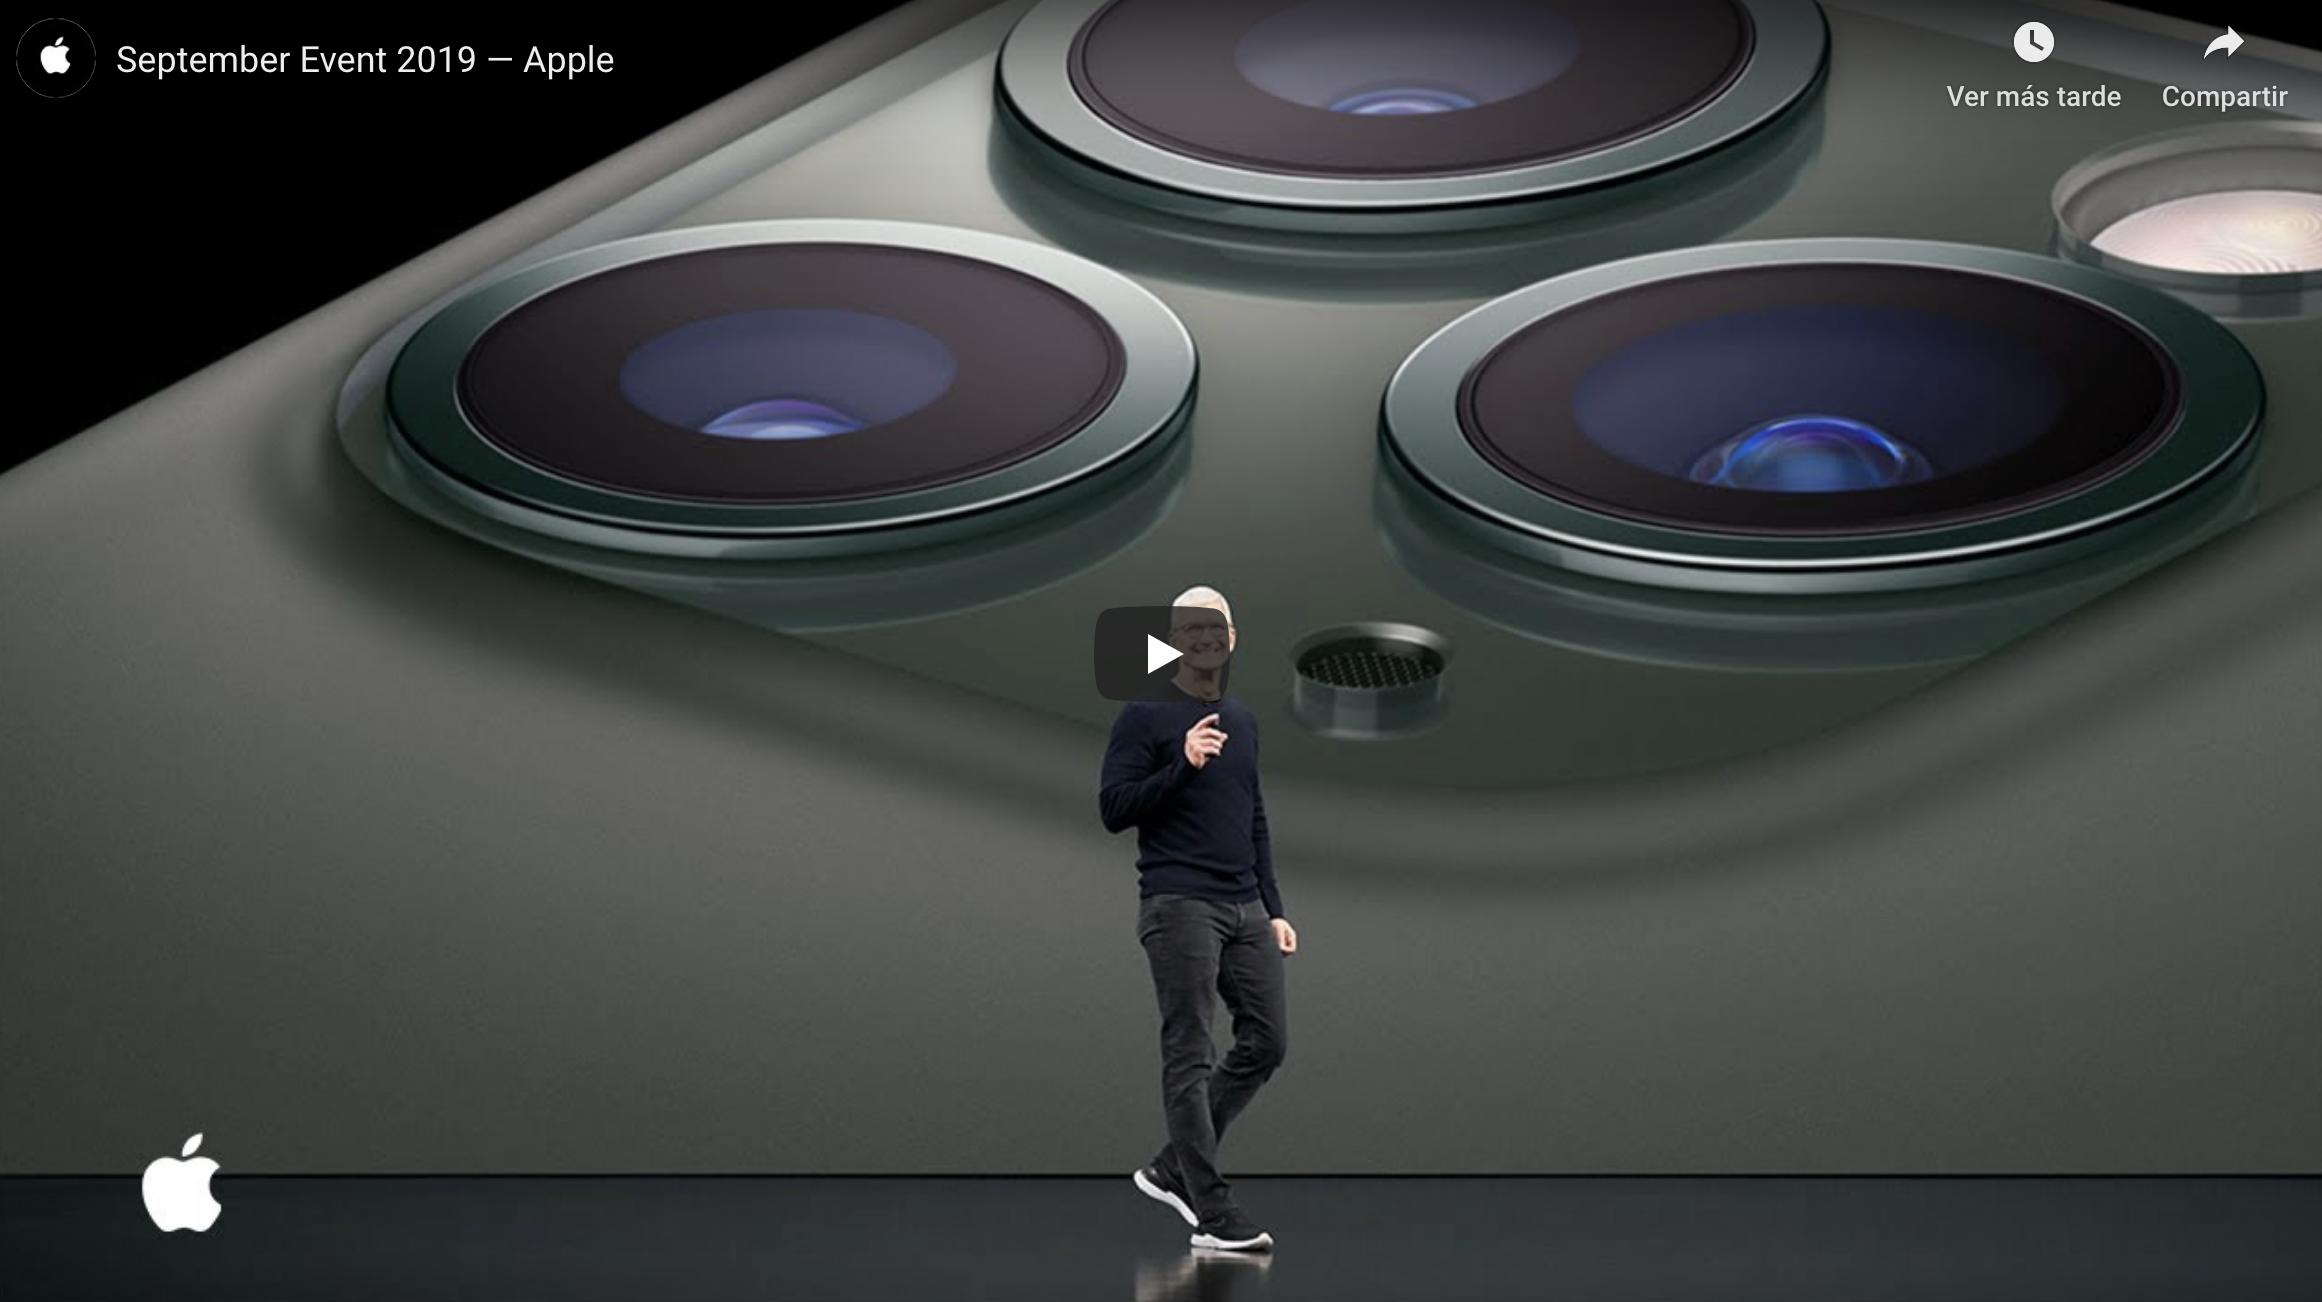 Evento septiembre 2019 Apple